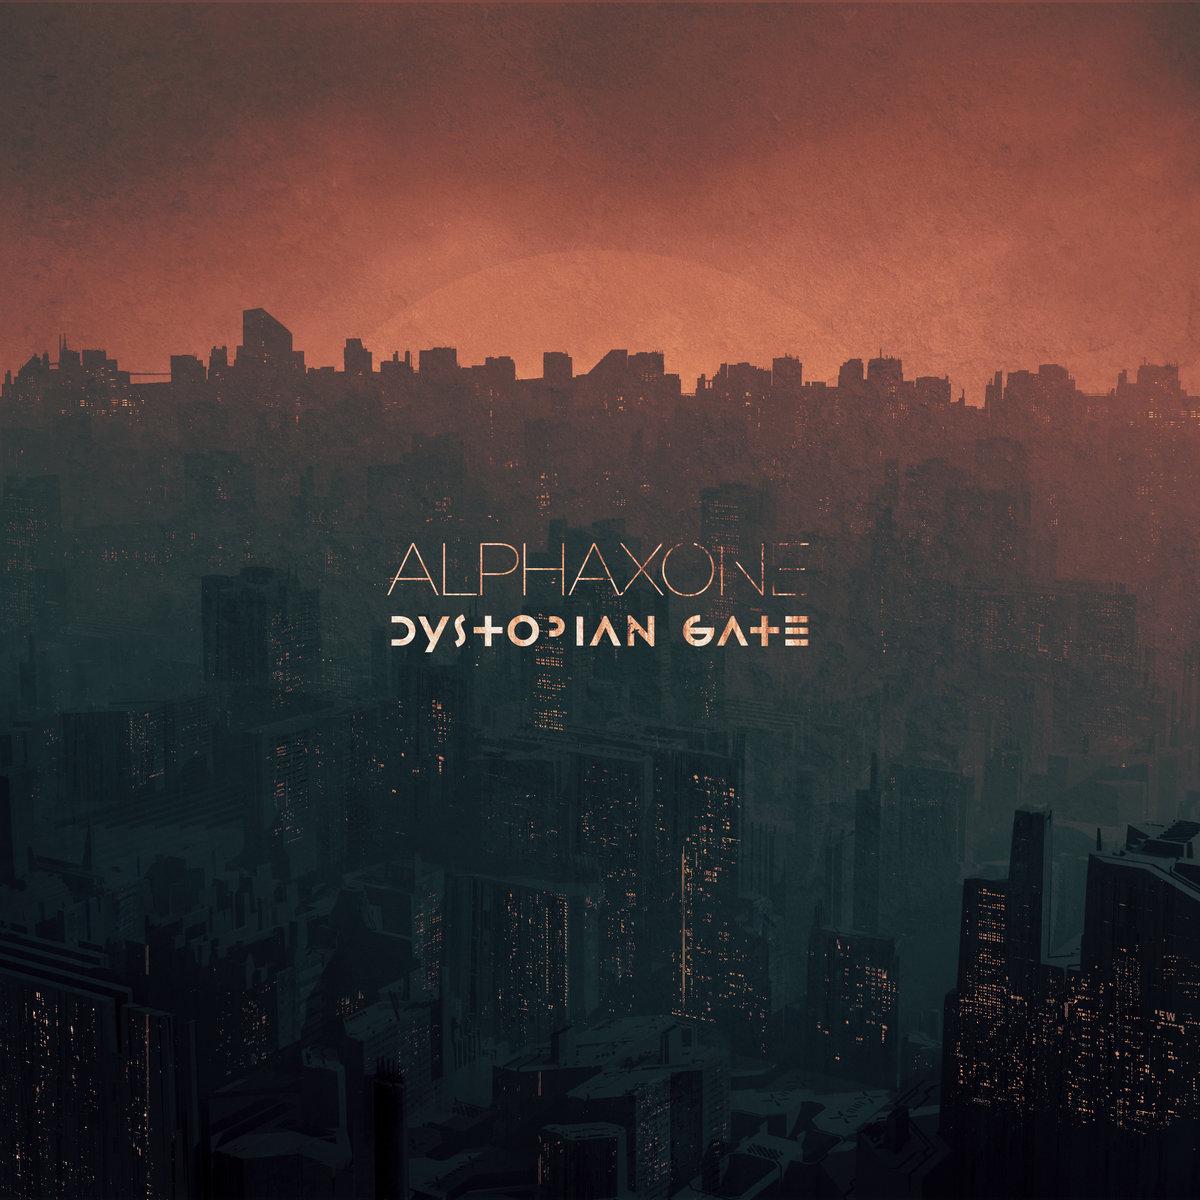 Alphaxone - Dystopian Gate